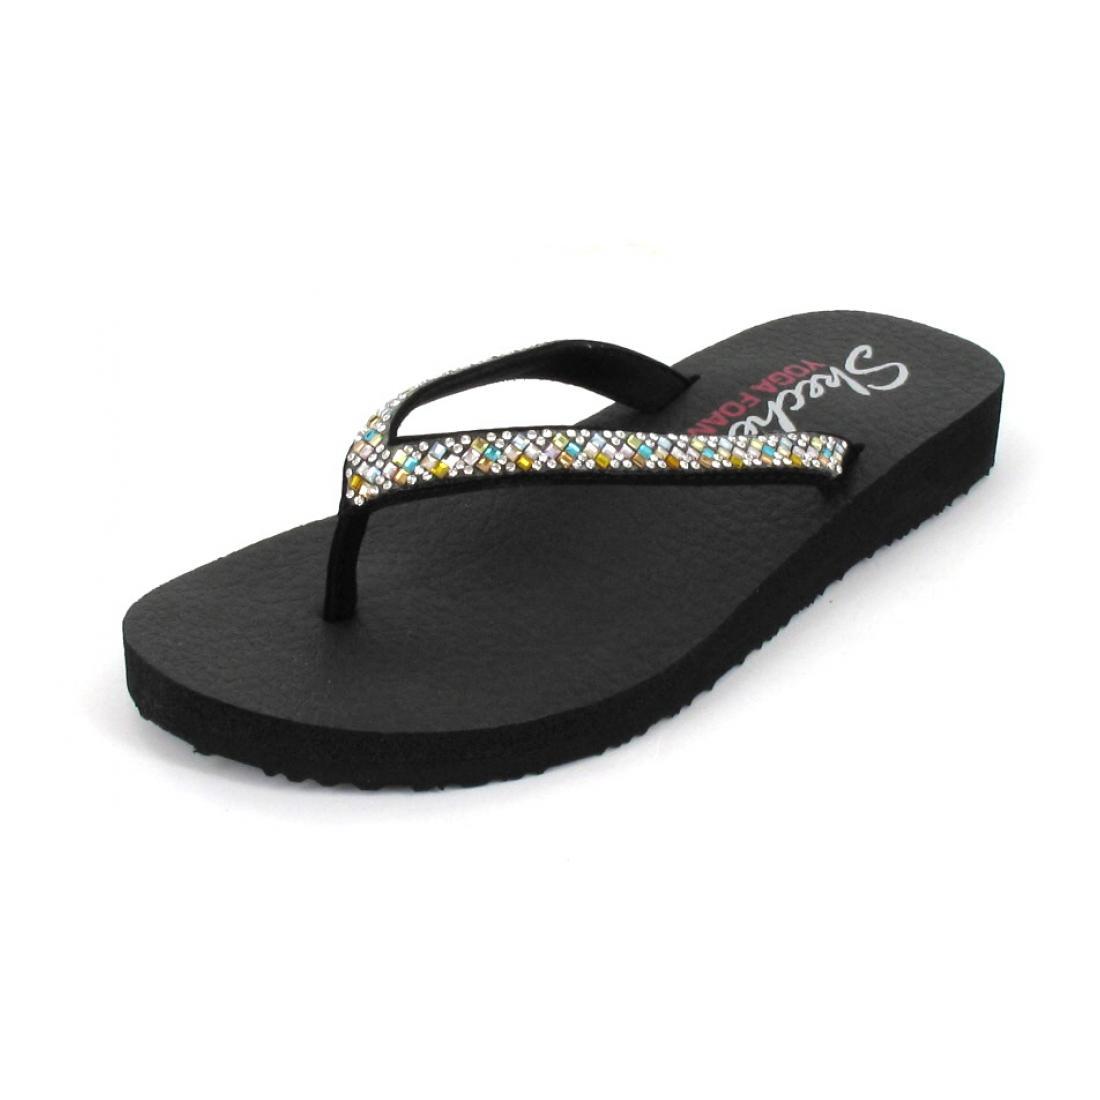 Skechers Pantolette BKMT